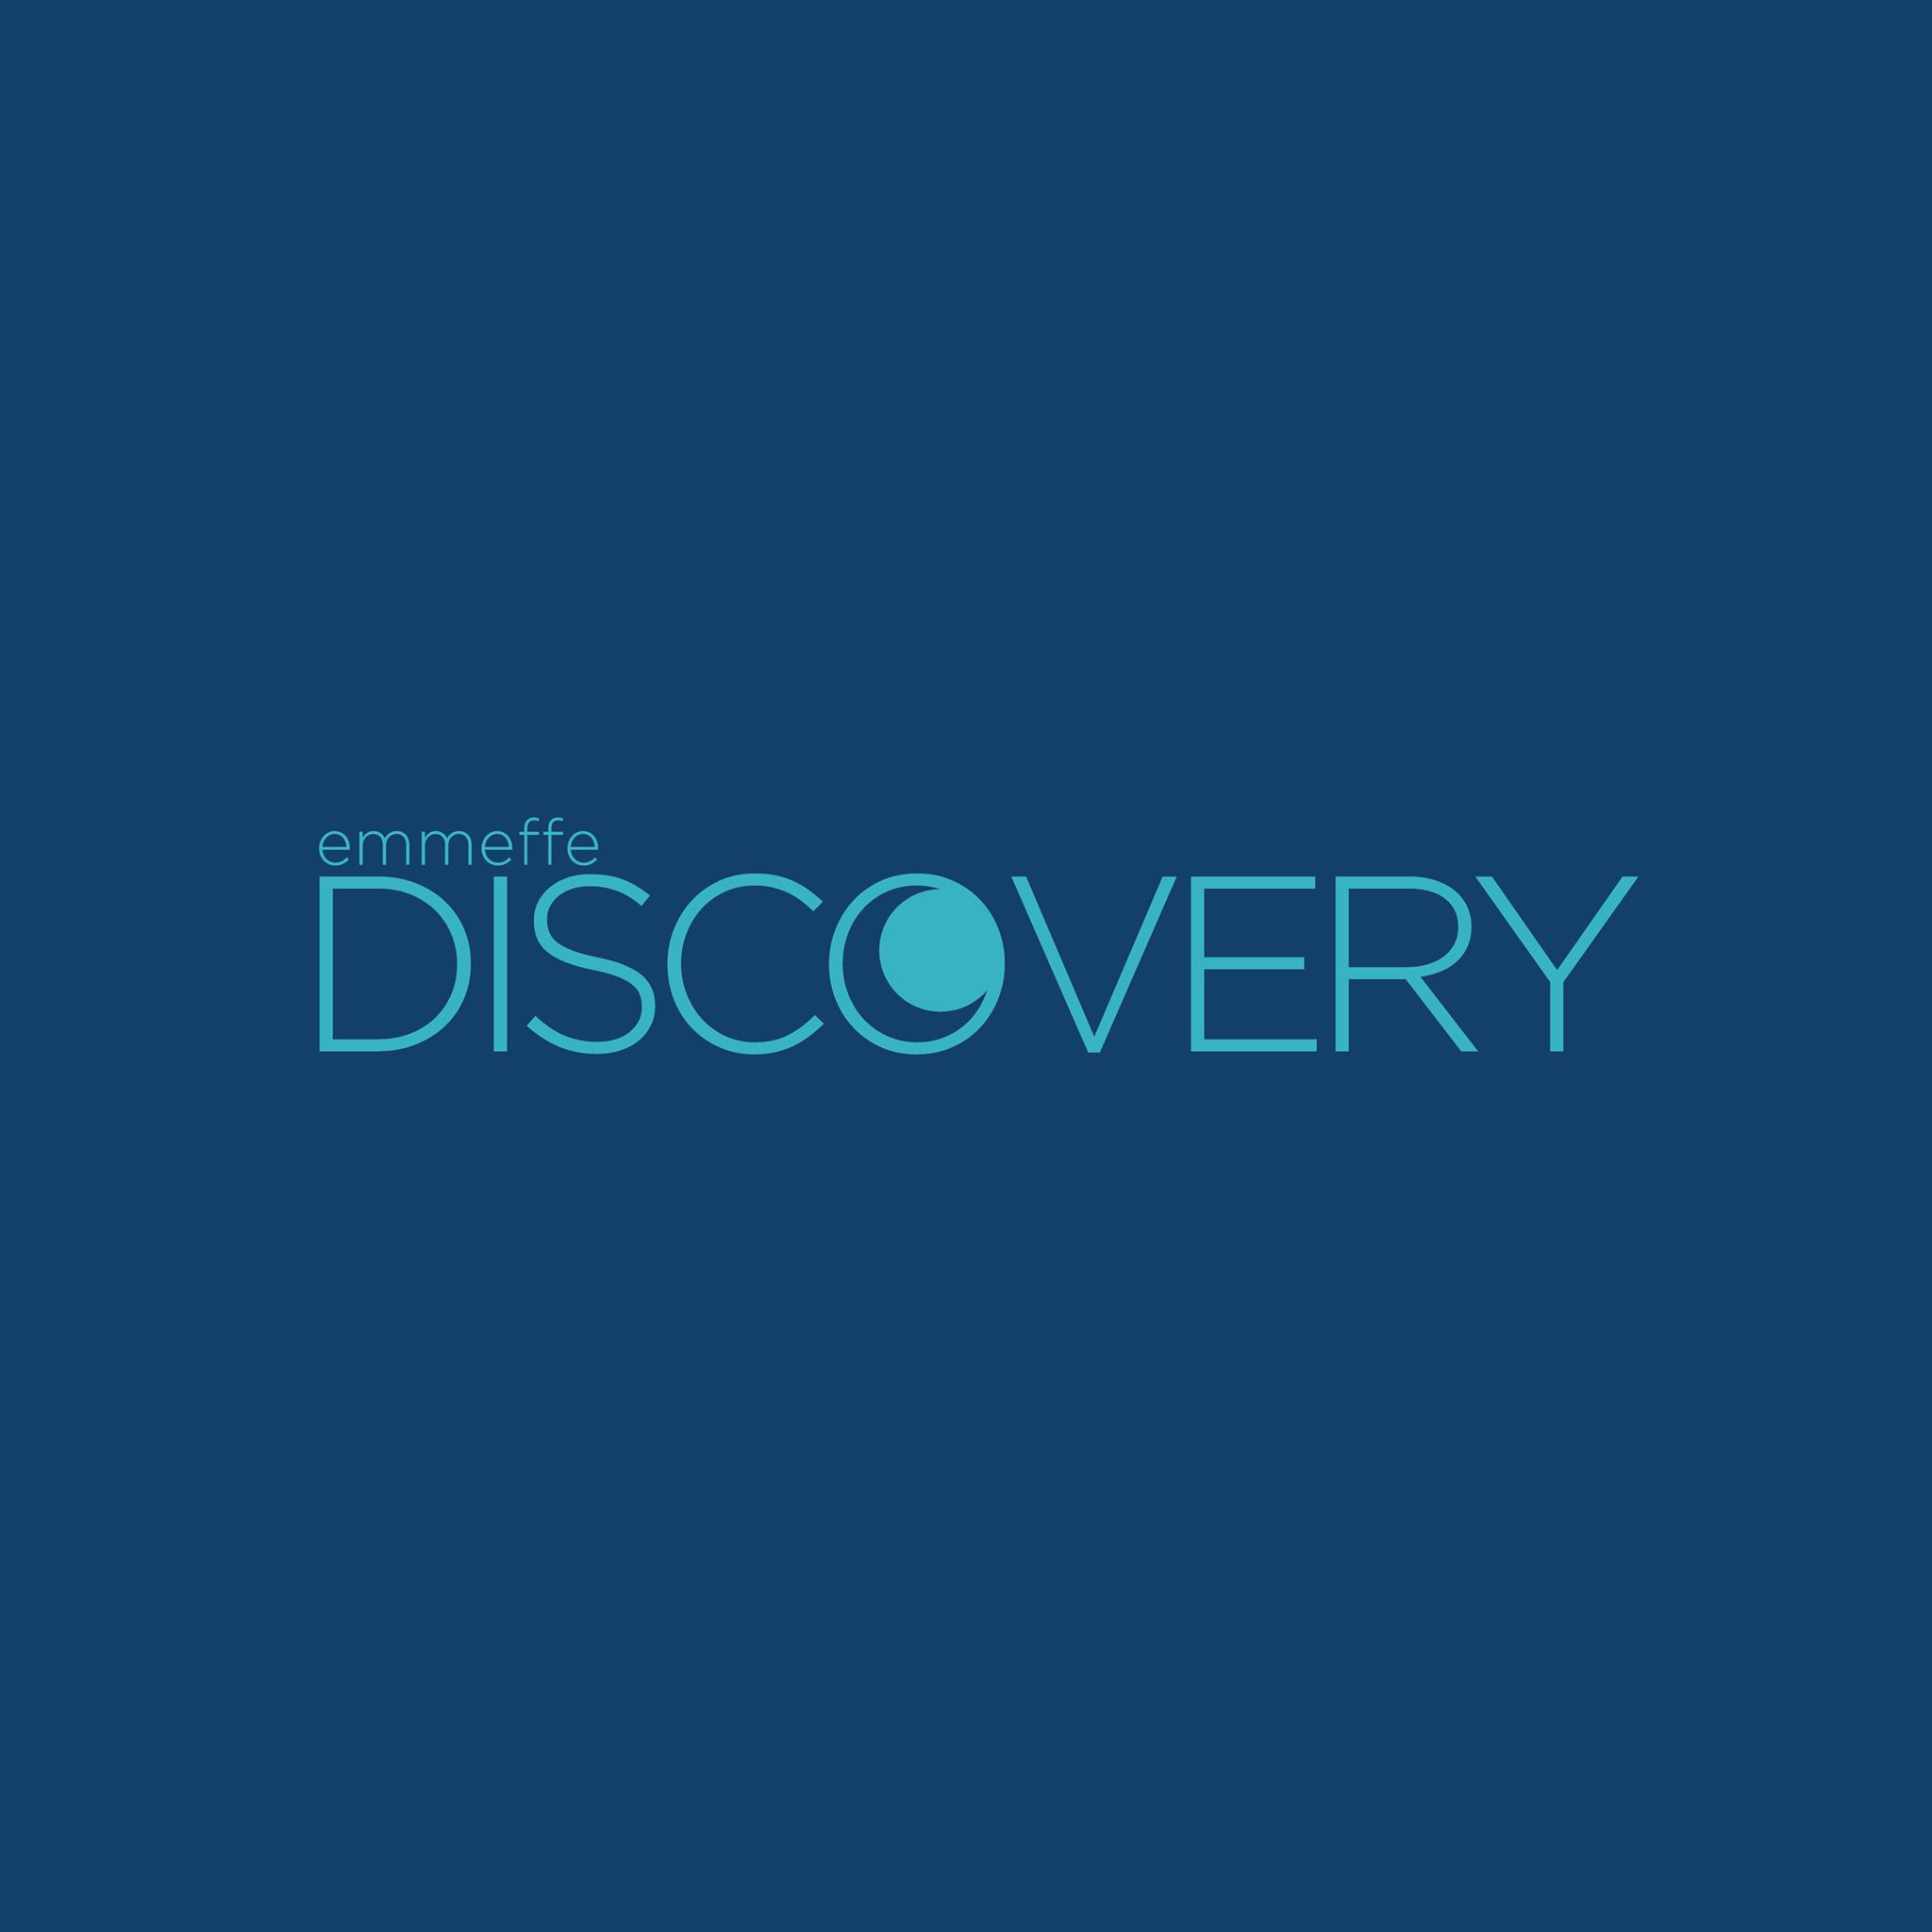 Discovery il nuovo singolo di Emmeffe